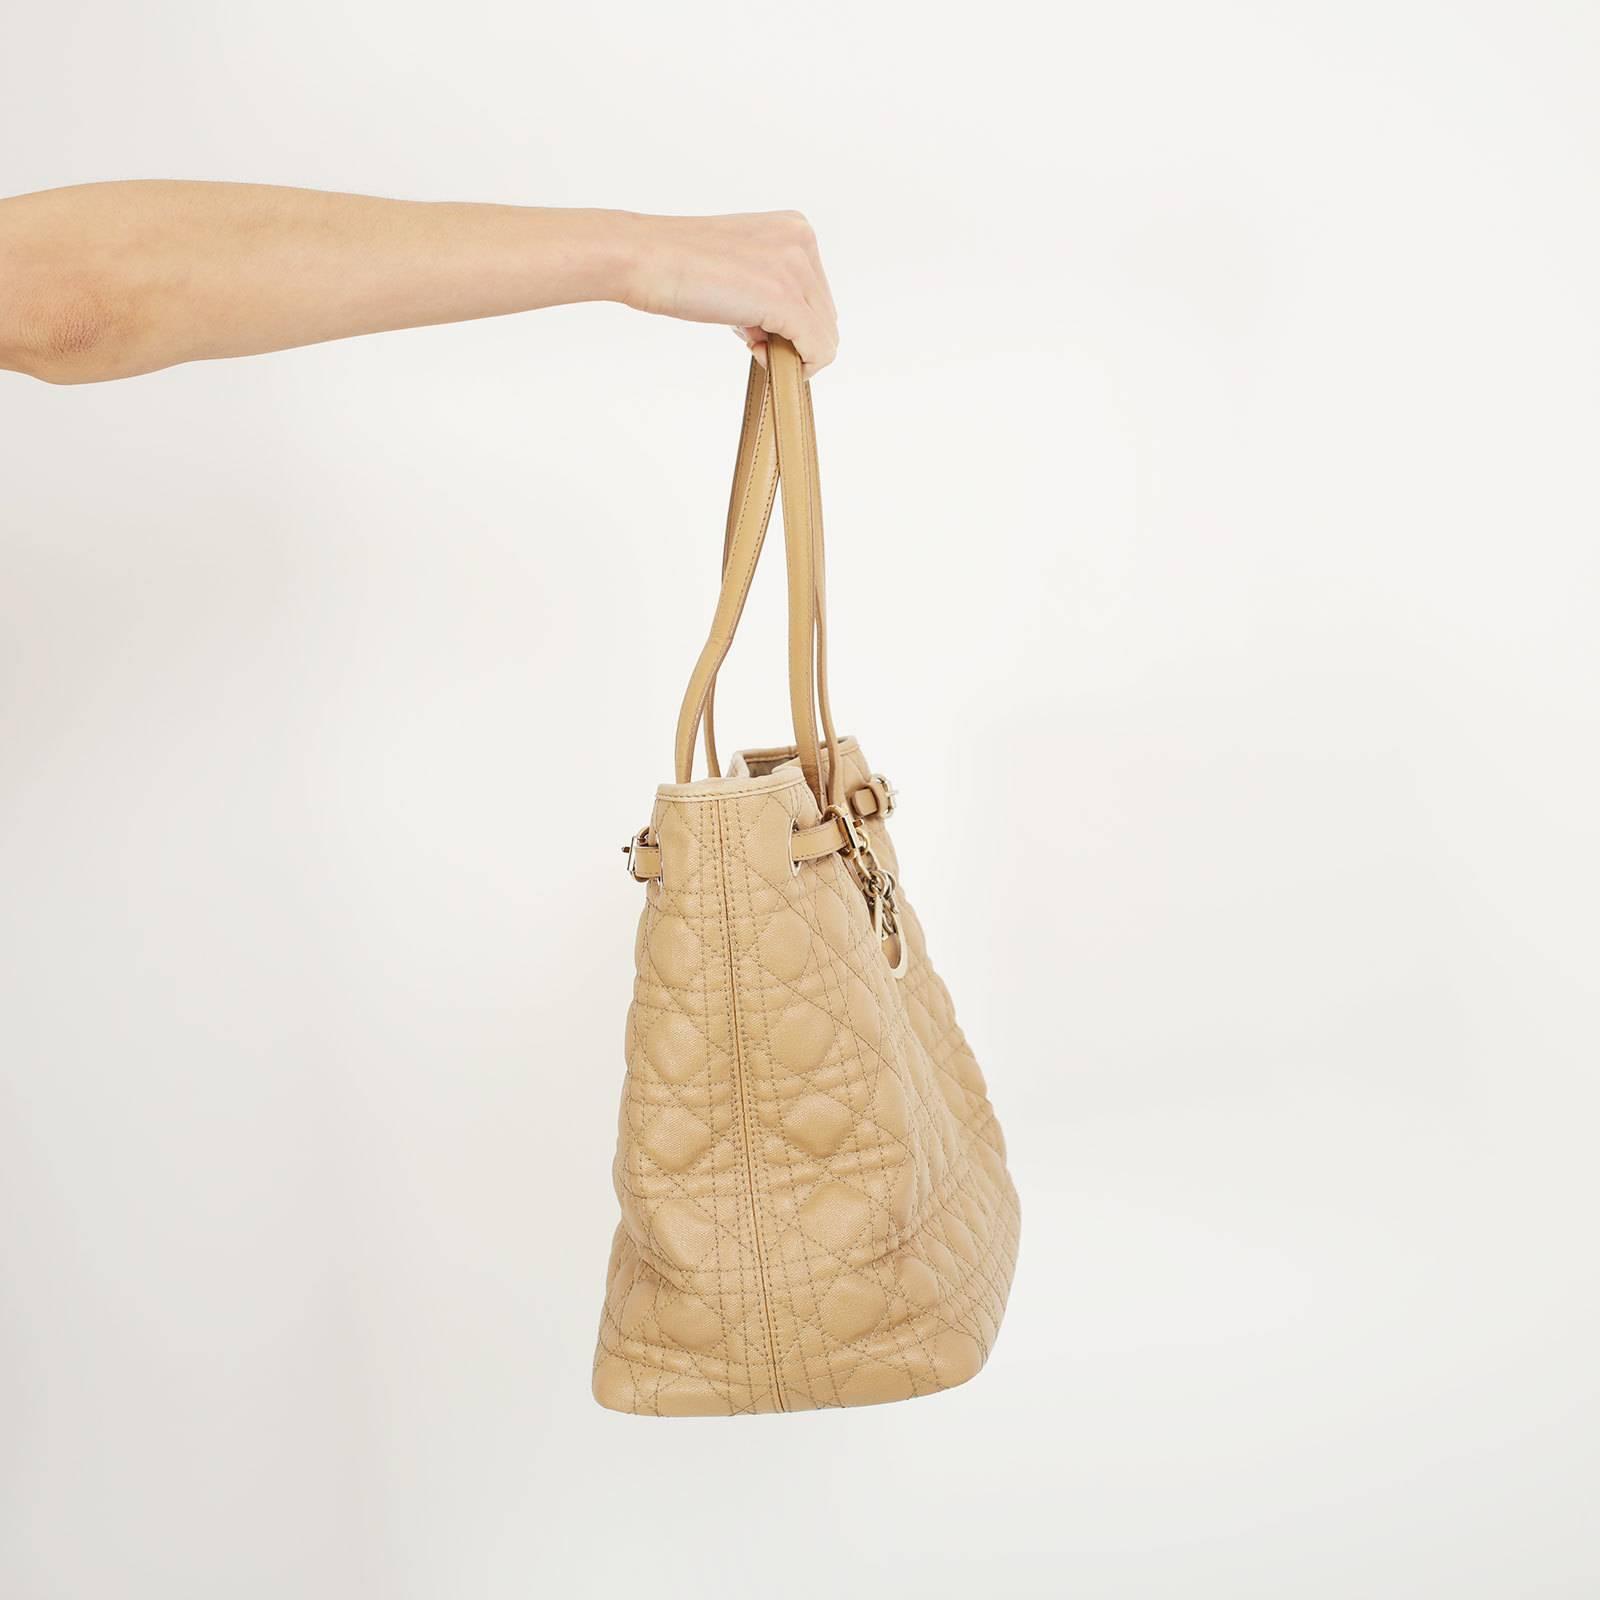 55e304f64819 Купить сумку Christian Dior в Москве с доставкой по цене 20000 ...